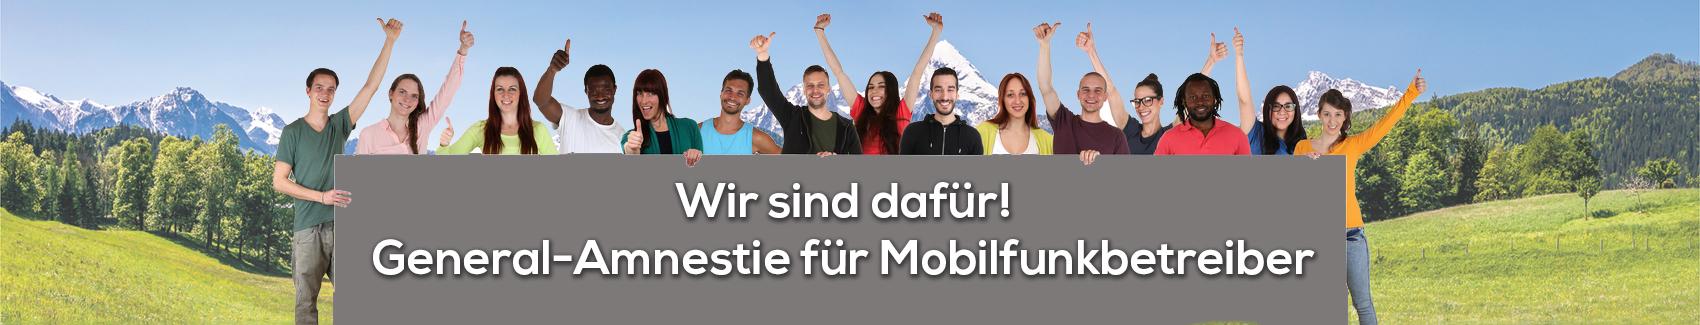 Generalamnestie für Mobilfunkbetreiber